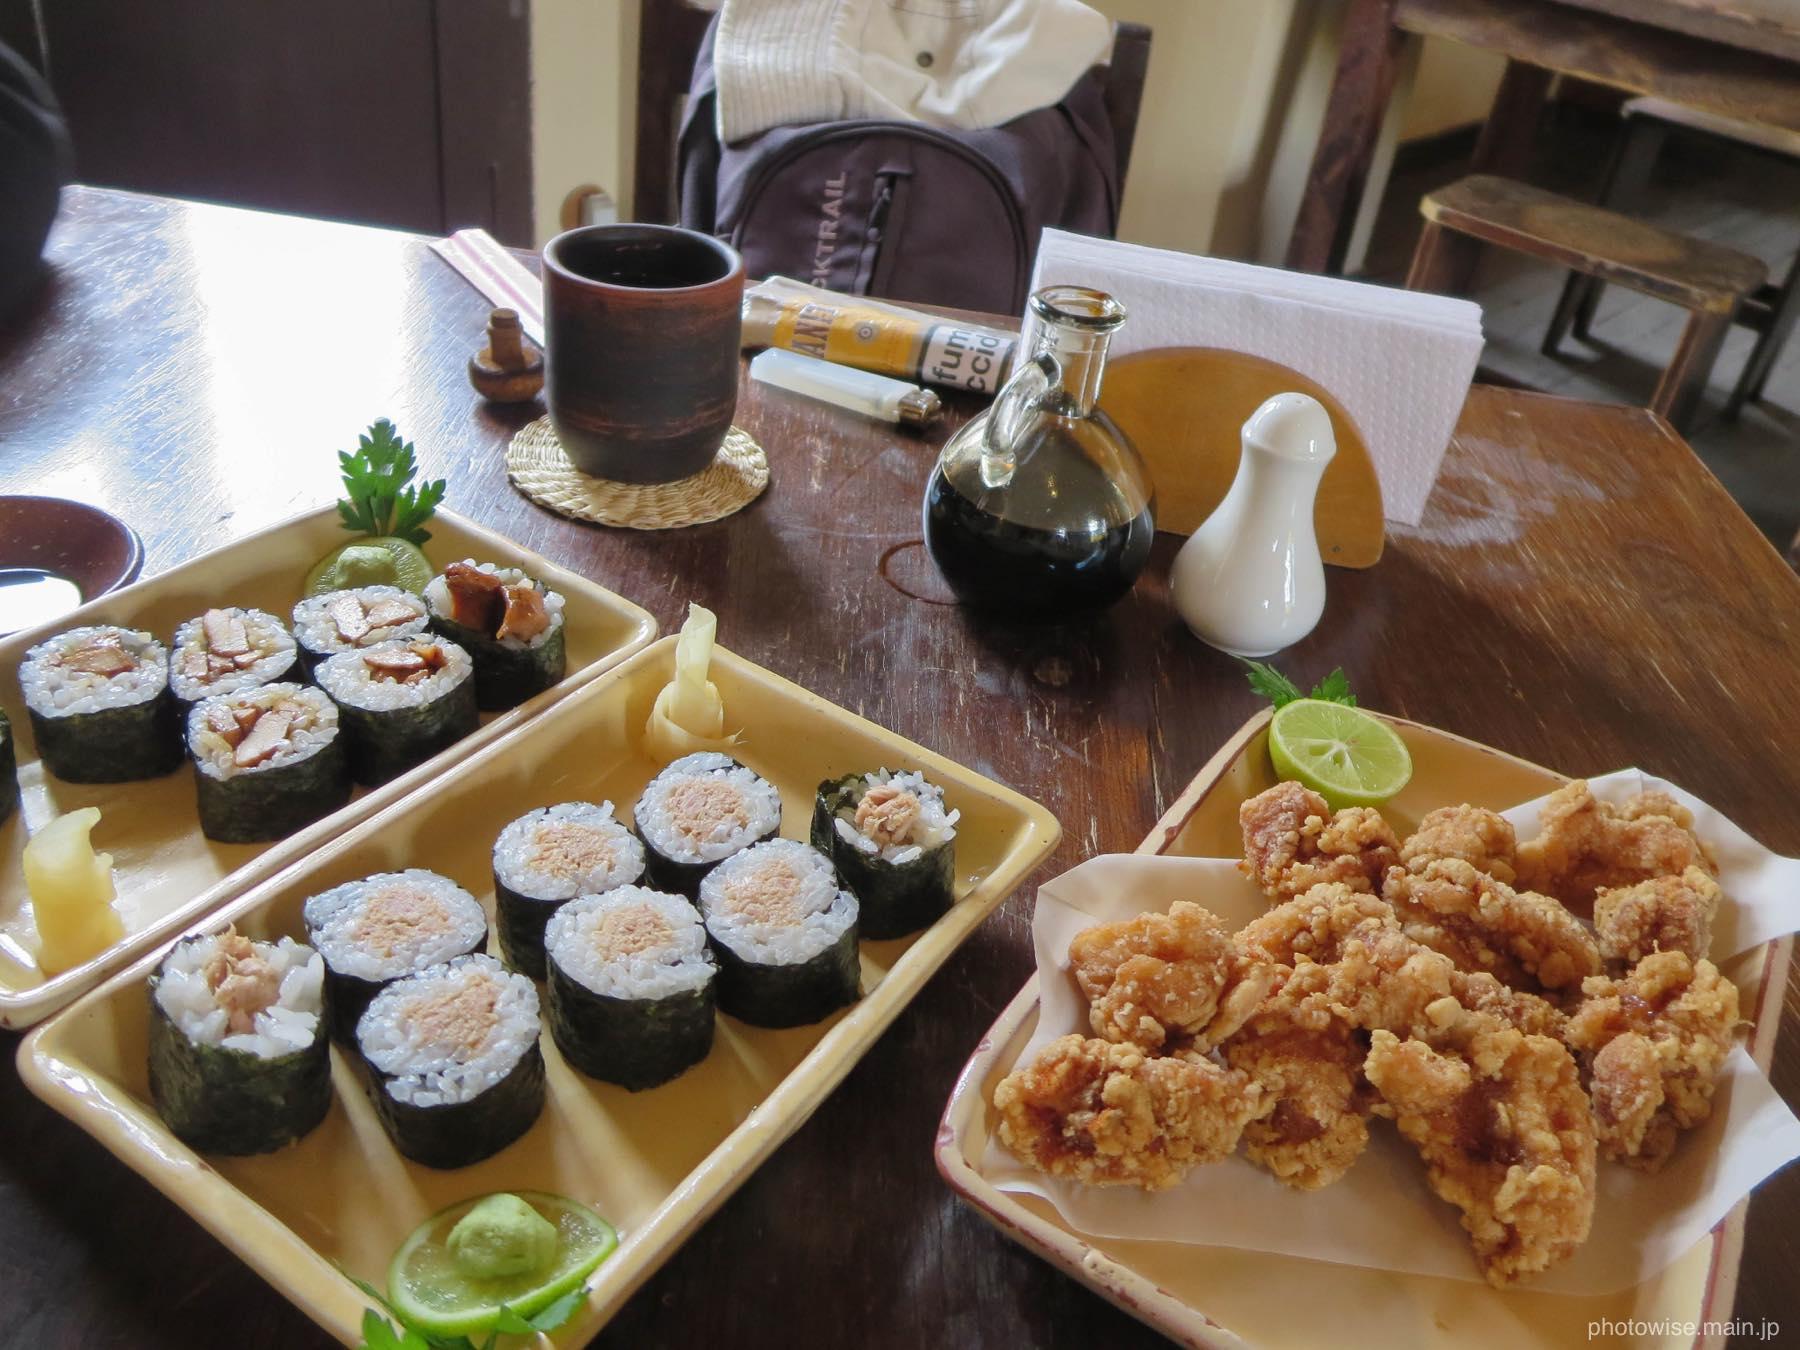 唐揚げと巻き寿司